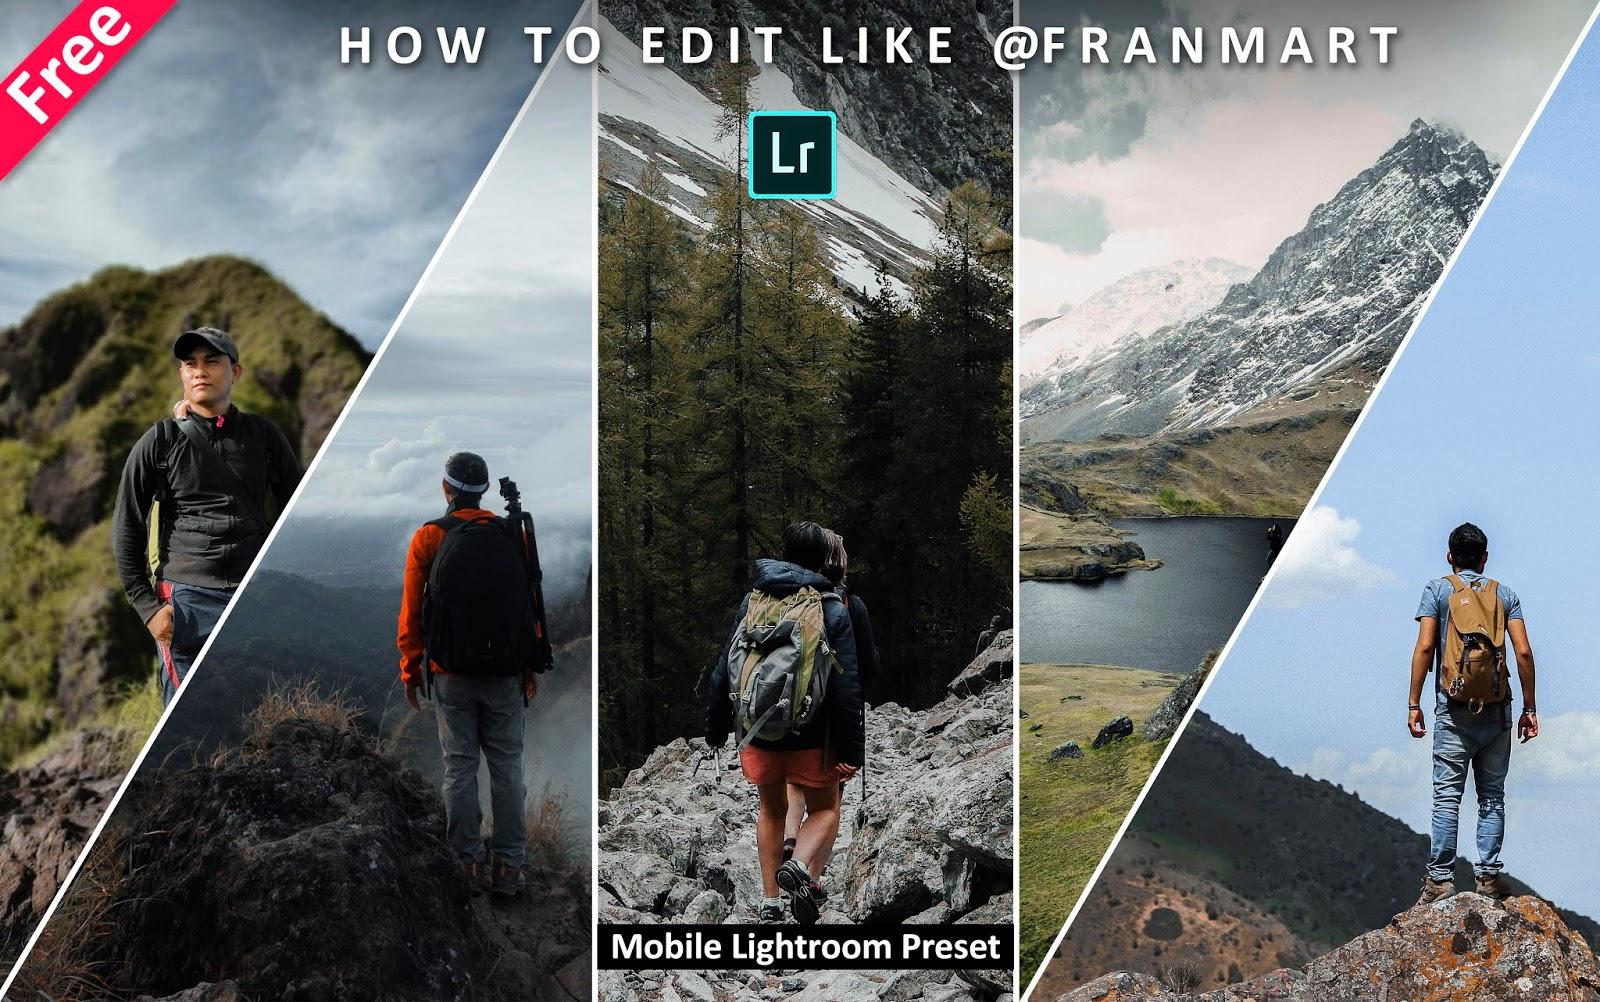 Download Franmart Inspired Mobile Lightroom Preset for Free   How to Edit Photos Like Franmart in Mobile Lightroom App